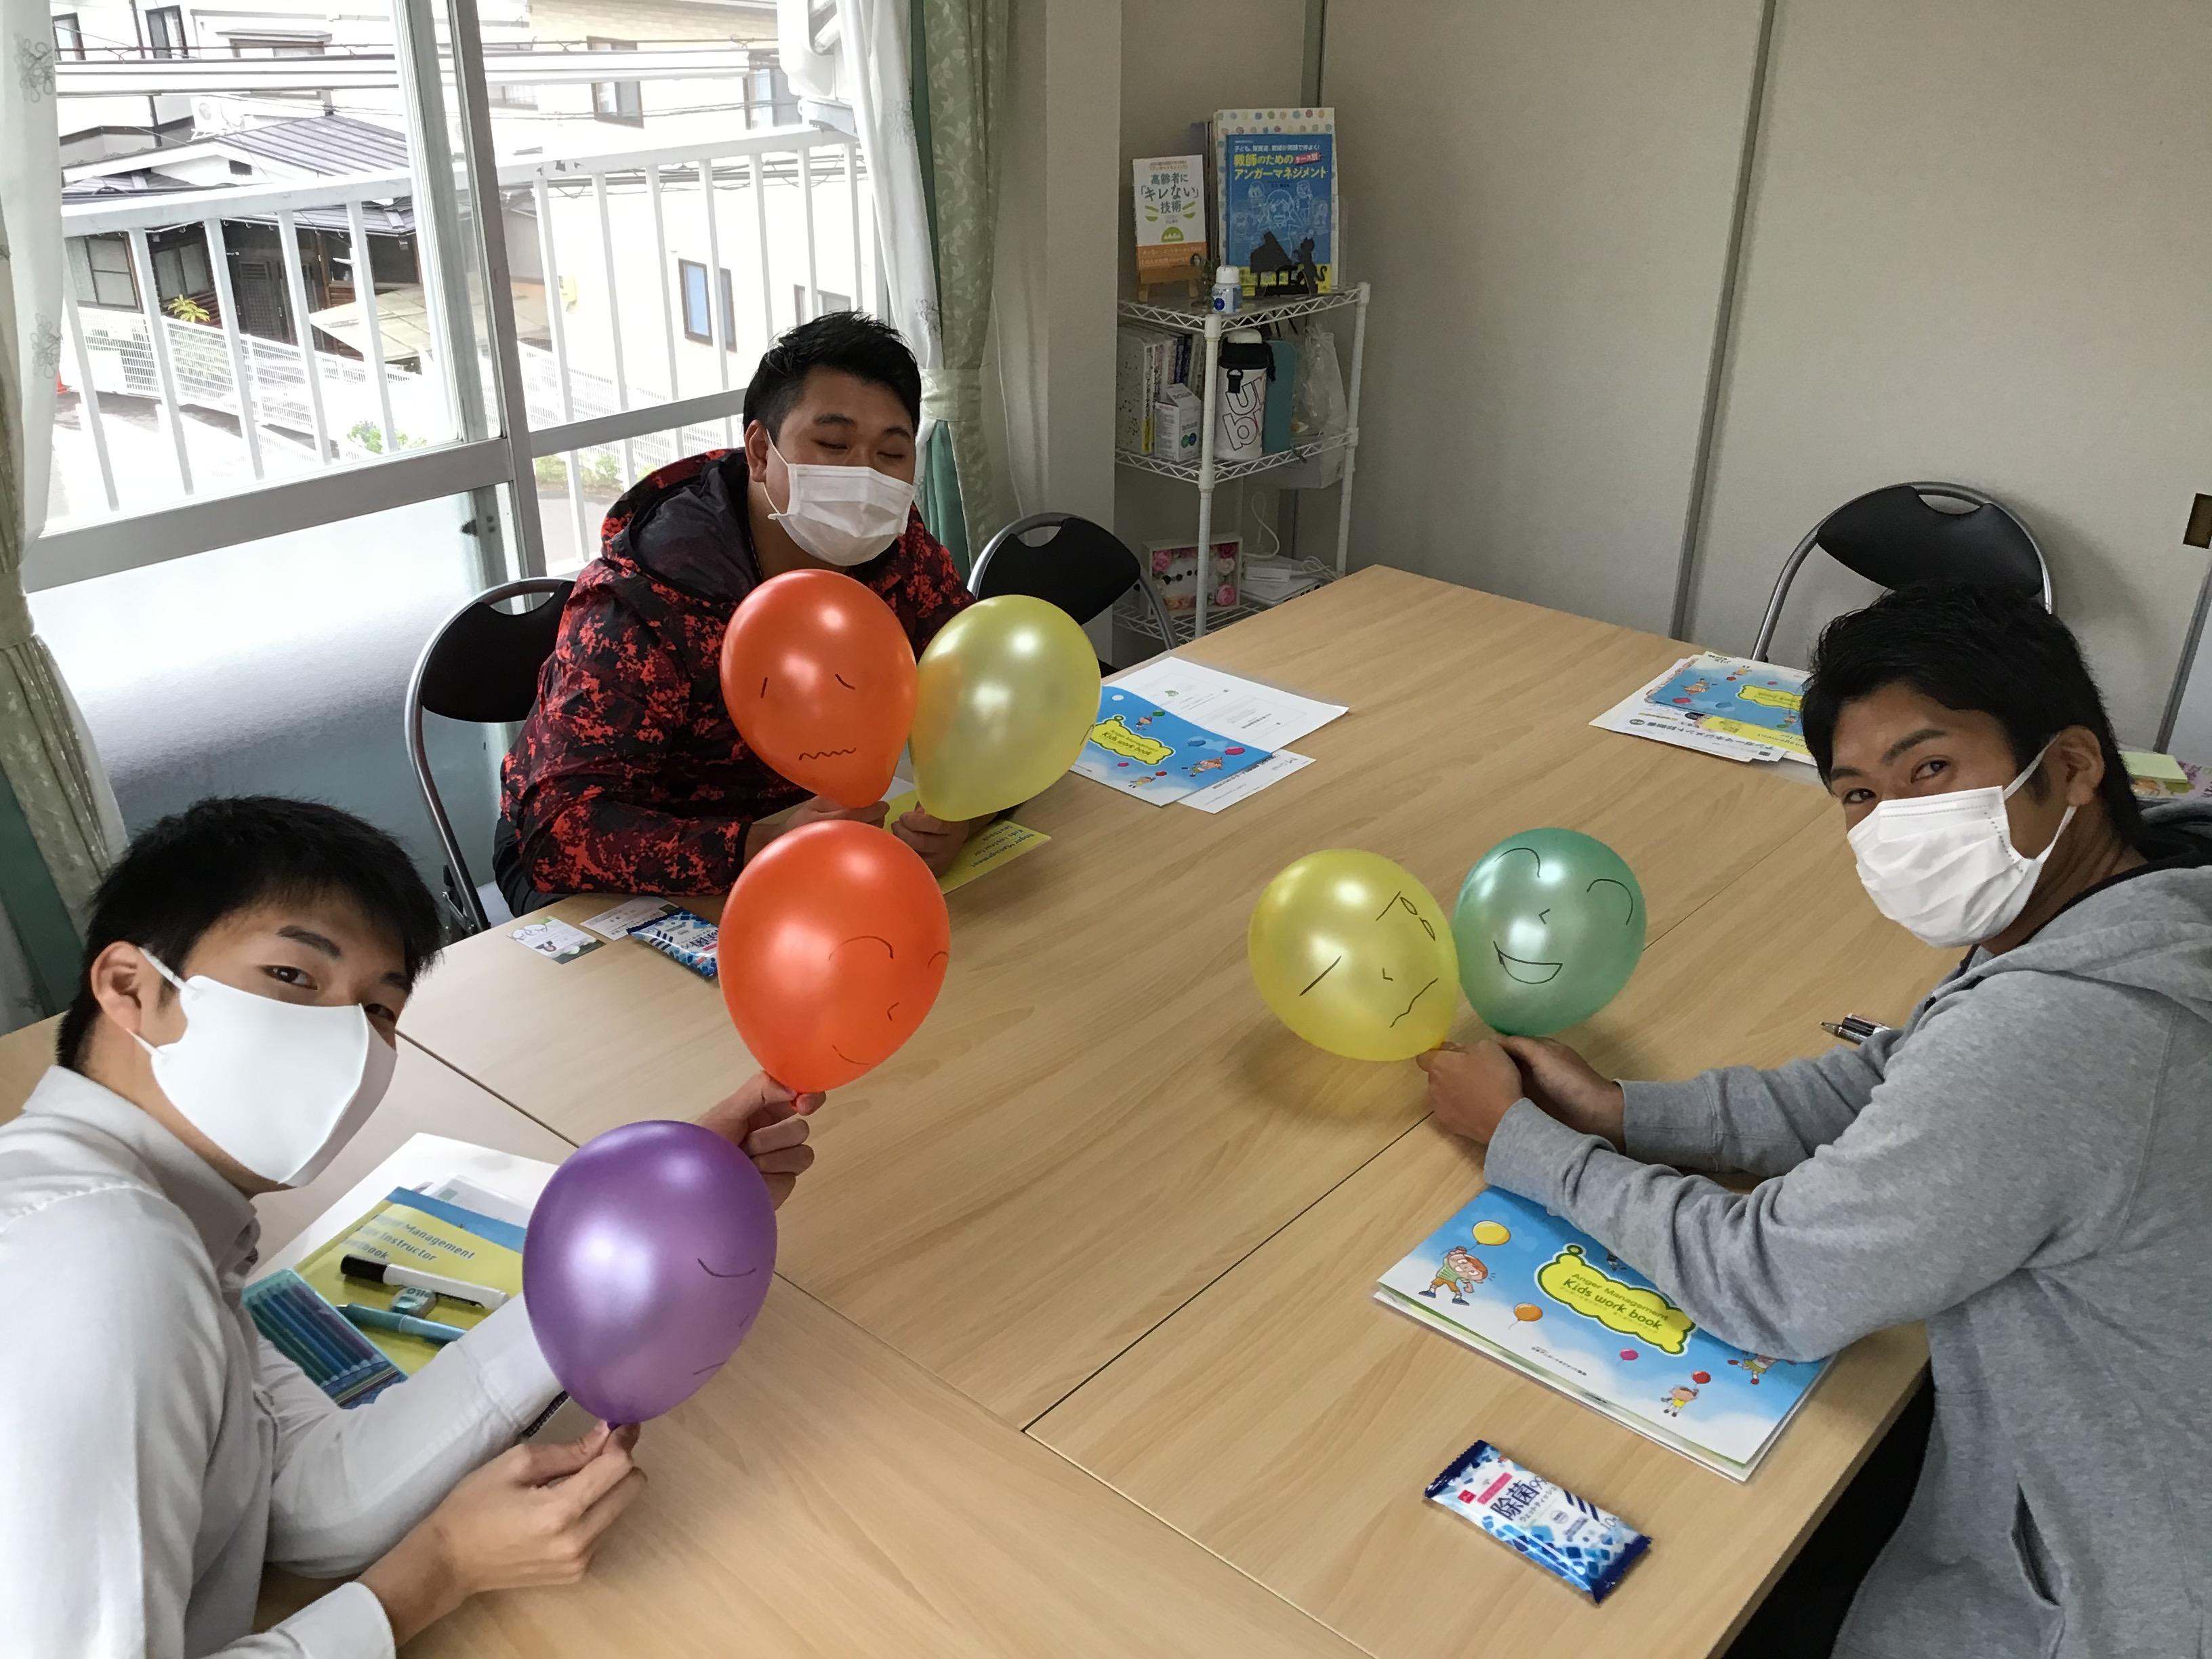 一般社団法人日本アンガーマネジメント協会,アンガーマネジメントキッズインストラクター養成講座,AMTI,4時間で資格取得